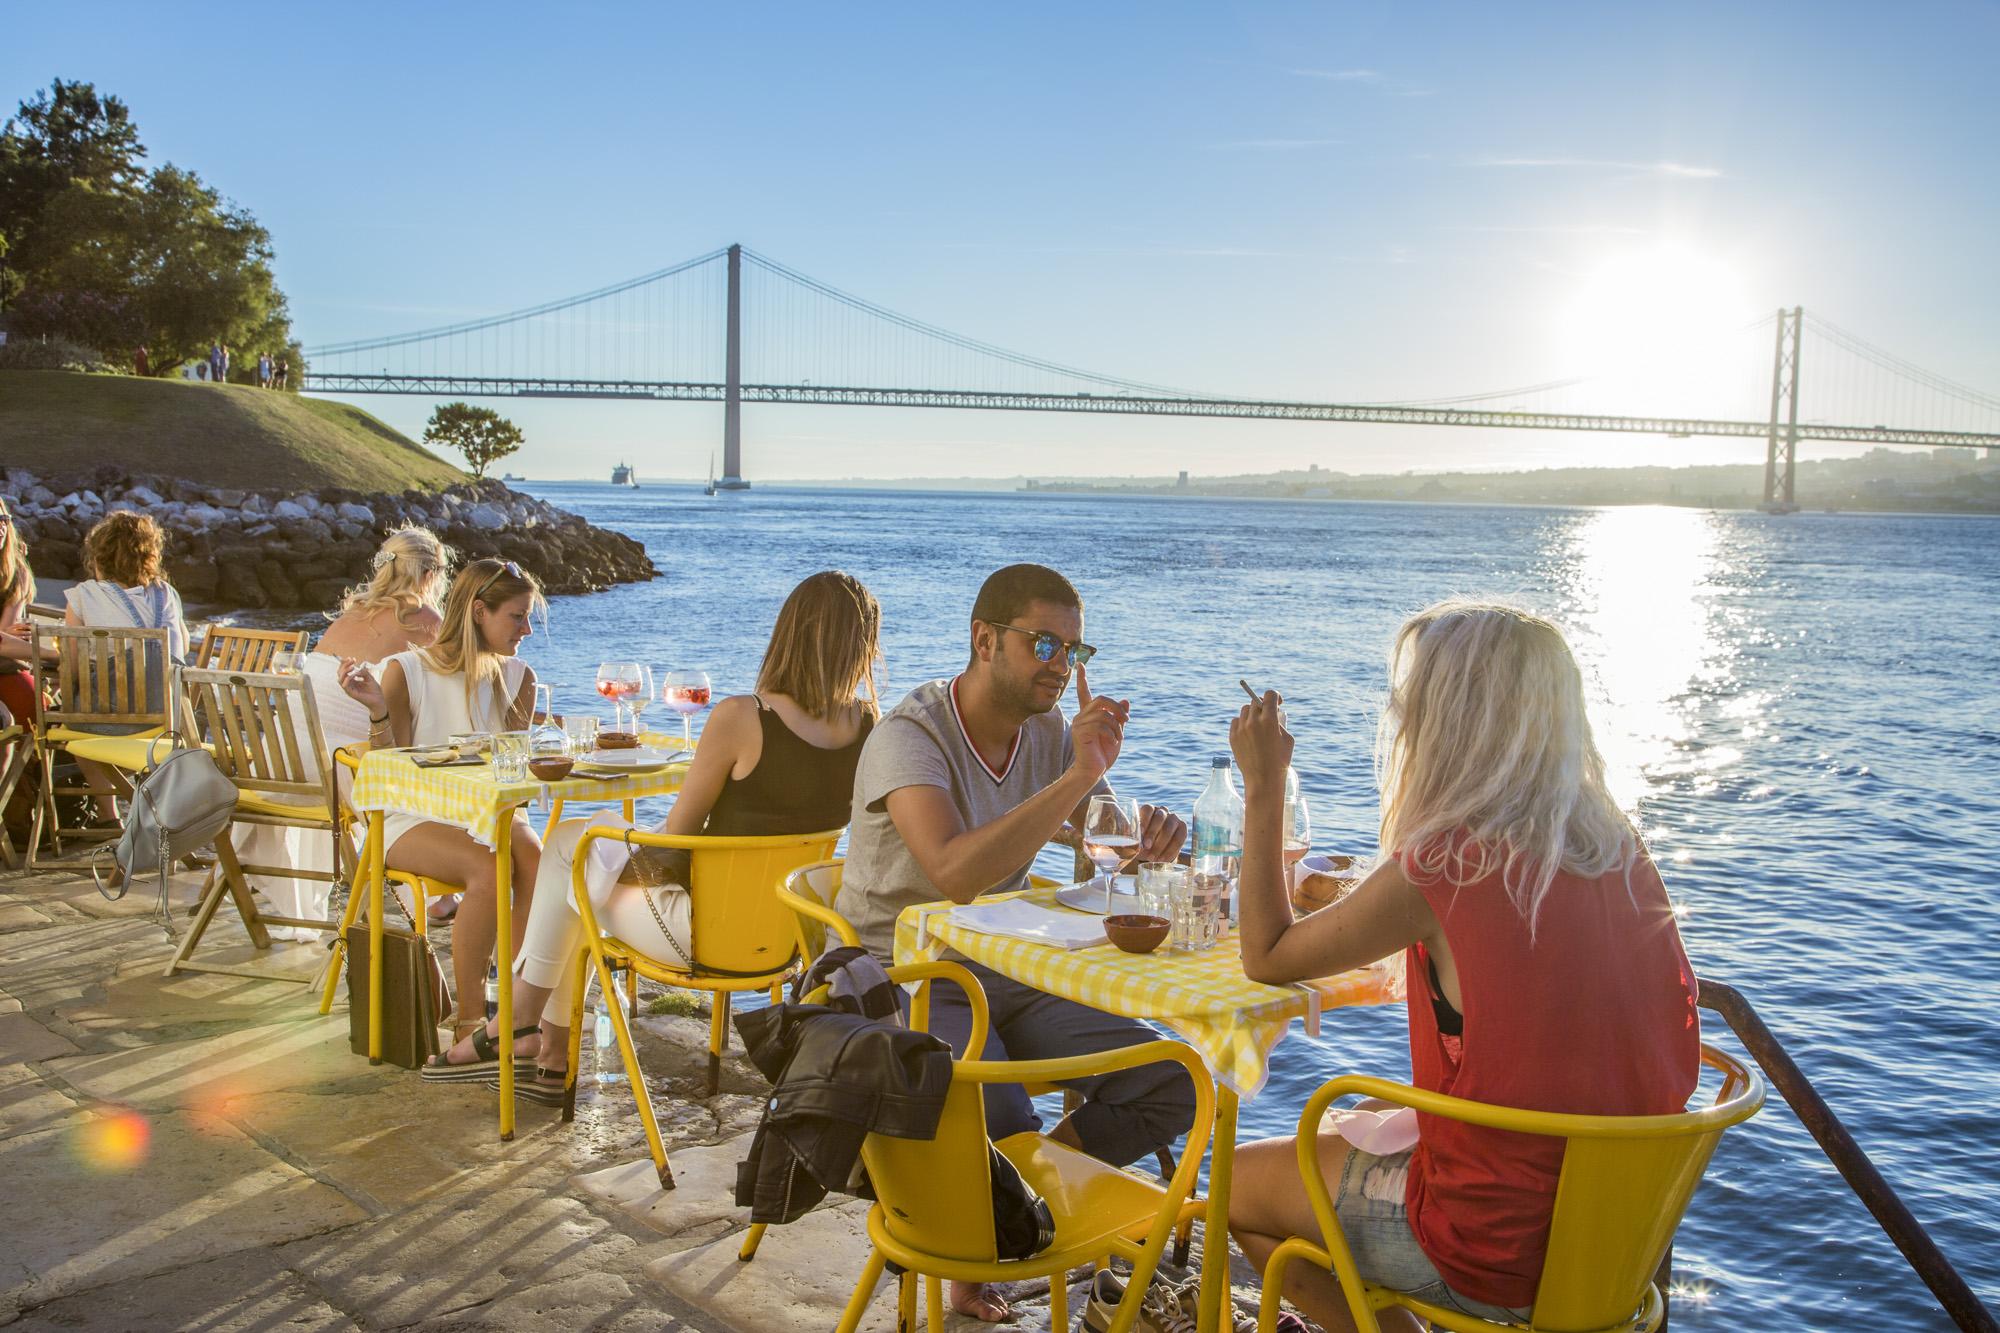 Portugal, Lissabon, Almada, Rua do Ginjal, Restaurante Ponto Final, Brücke, Ponte 25 de Abril